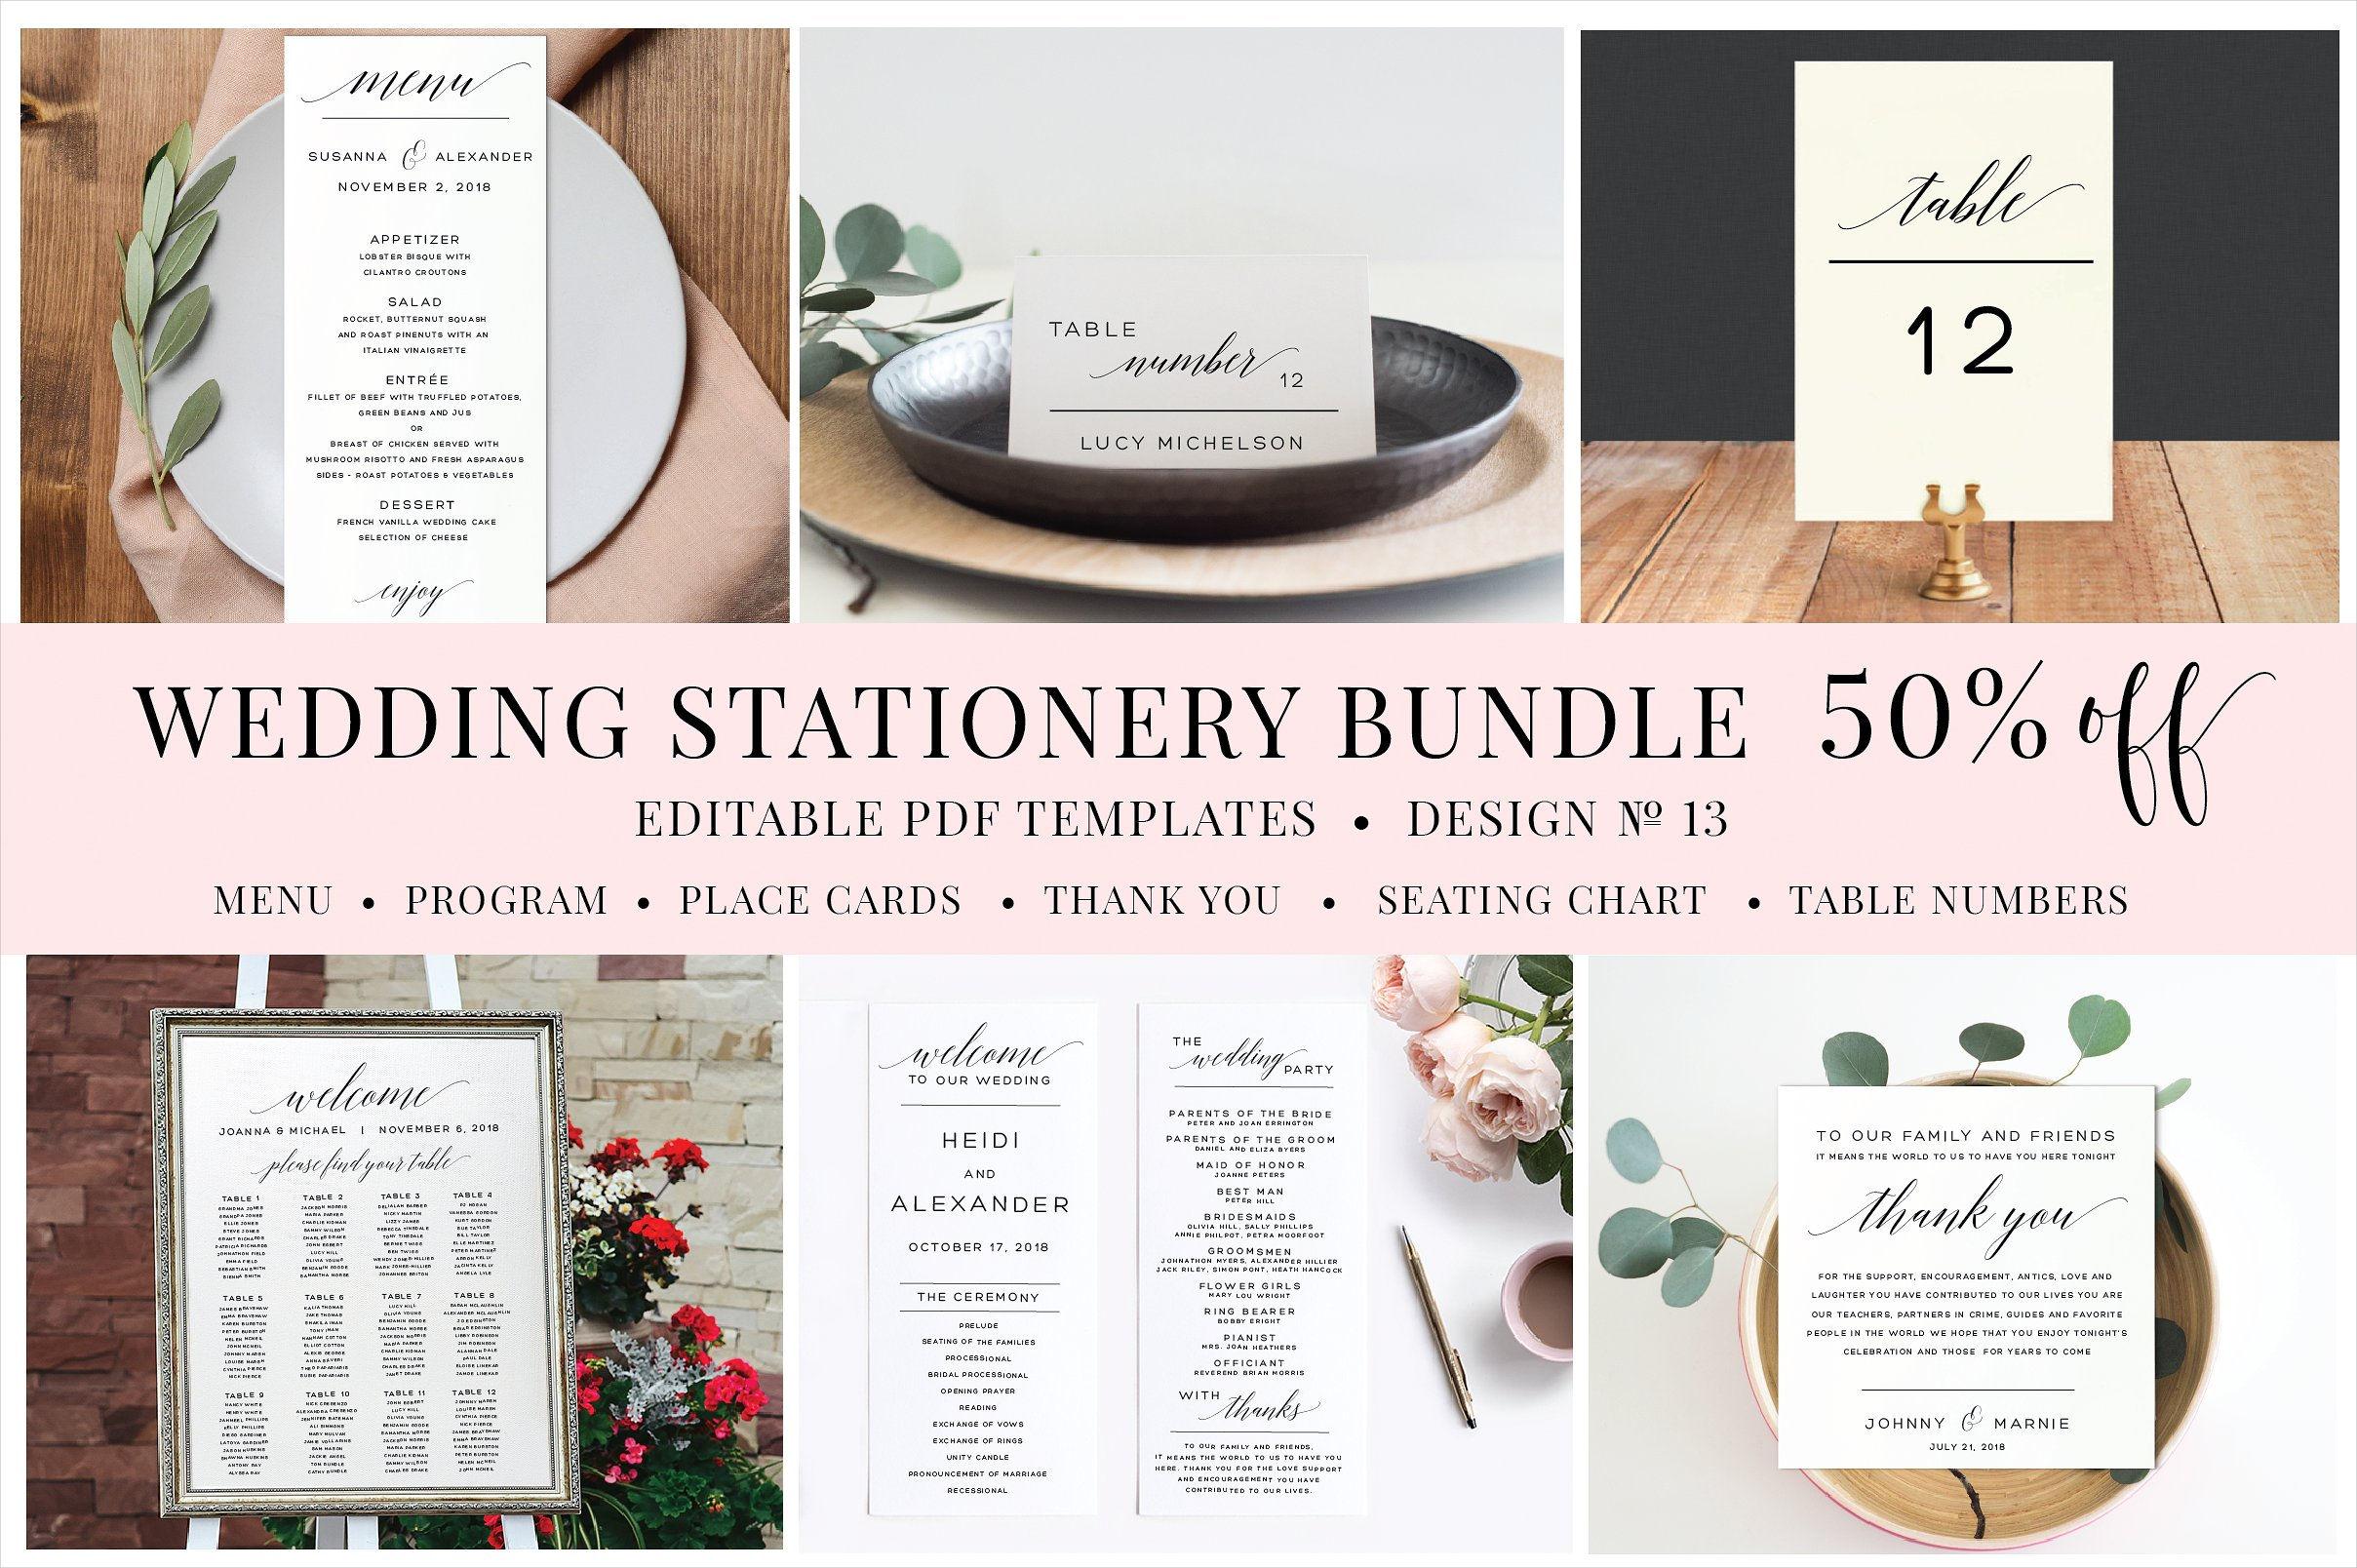 creative wedding stationery bundle